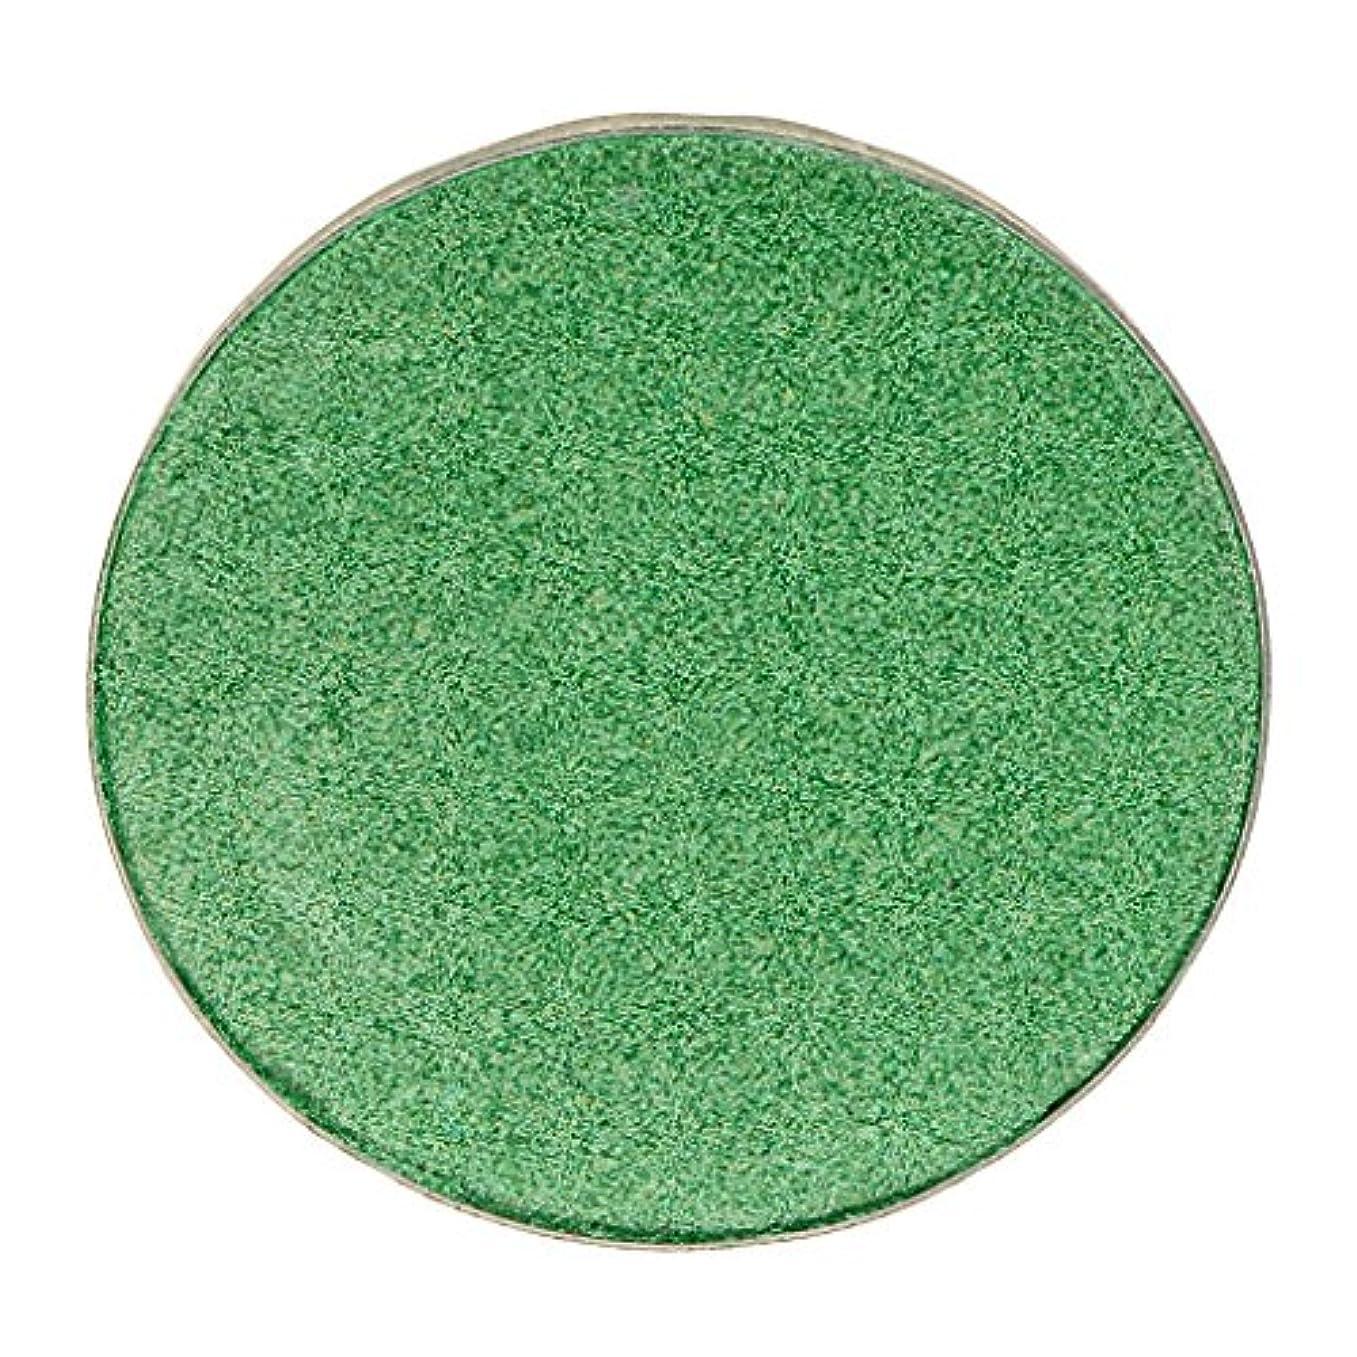 週間パニック追加する化粧品用 アイシャドウ ハイライター パレット マット シマー アイシャドーメイク 結婚式 パーティー 全5色 - #38グリーン